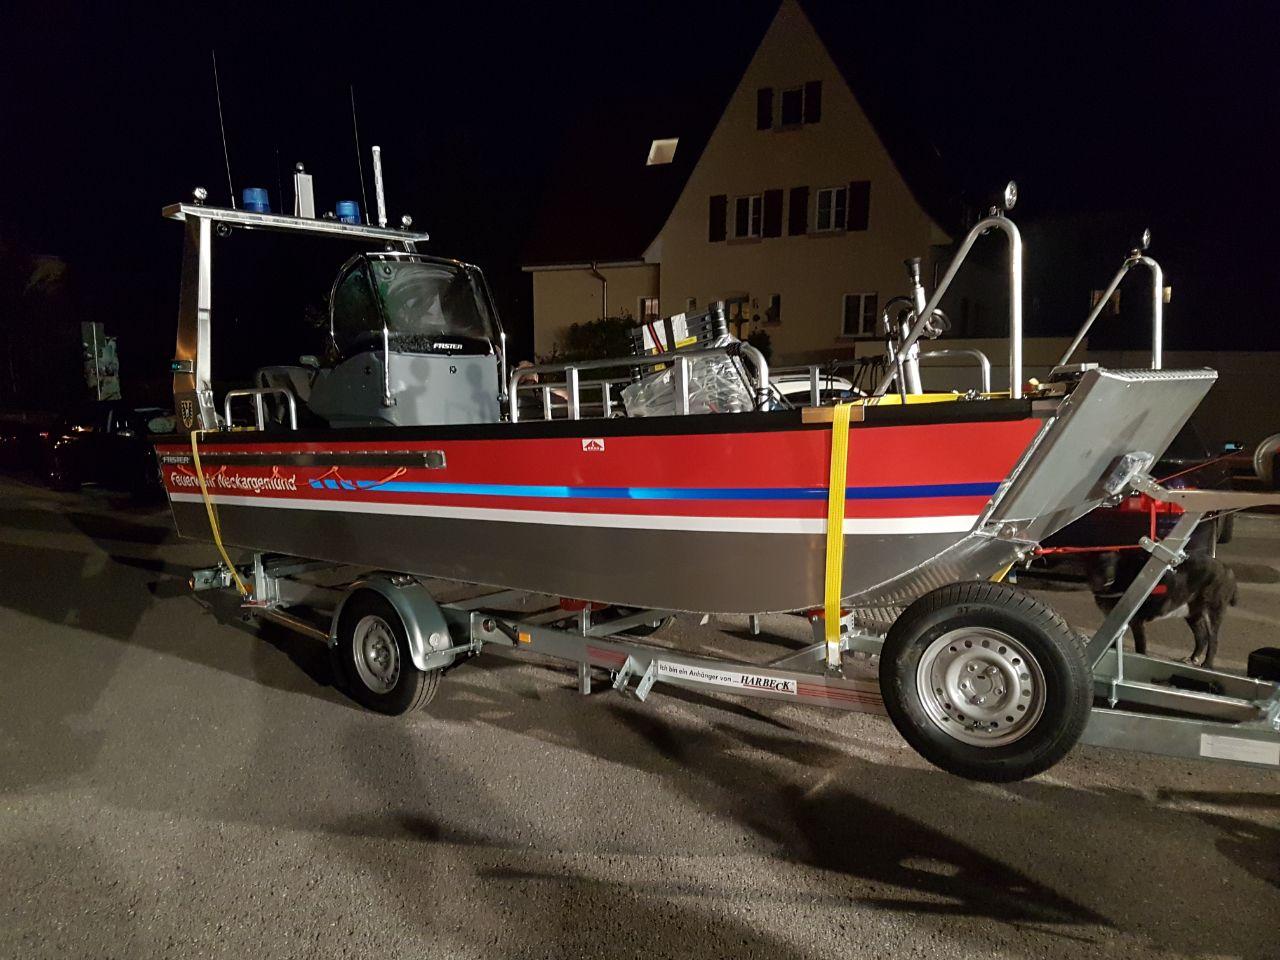 2017-10-16-fahrzeug-mehrzweckboot-004